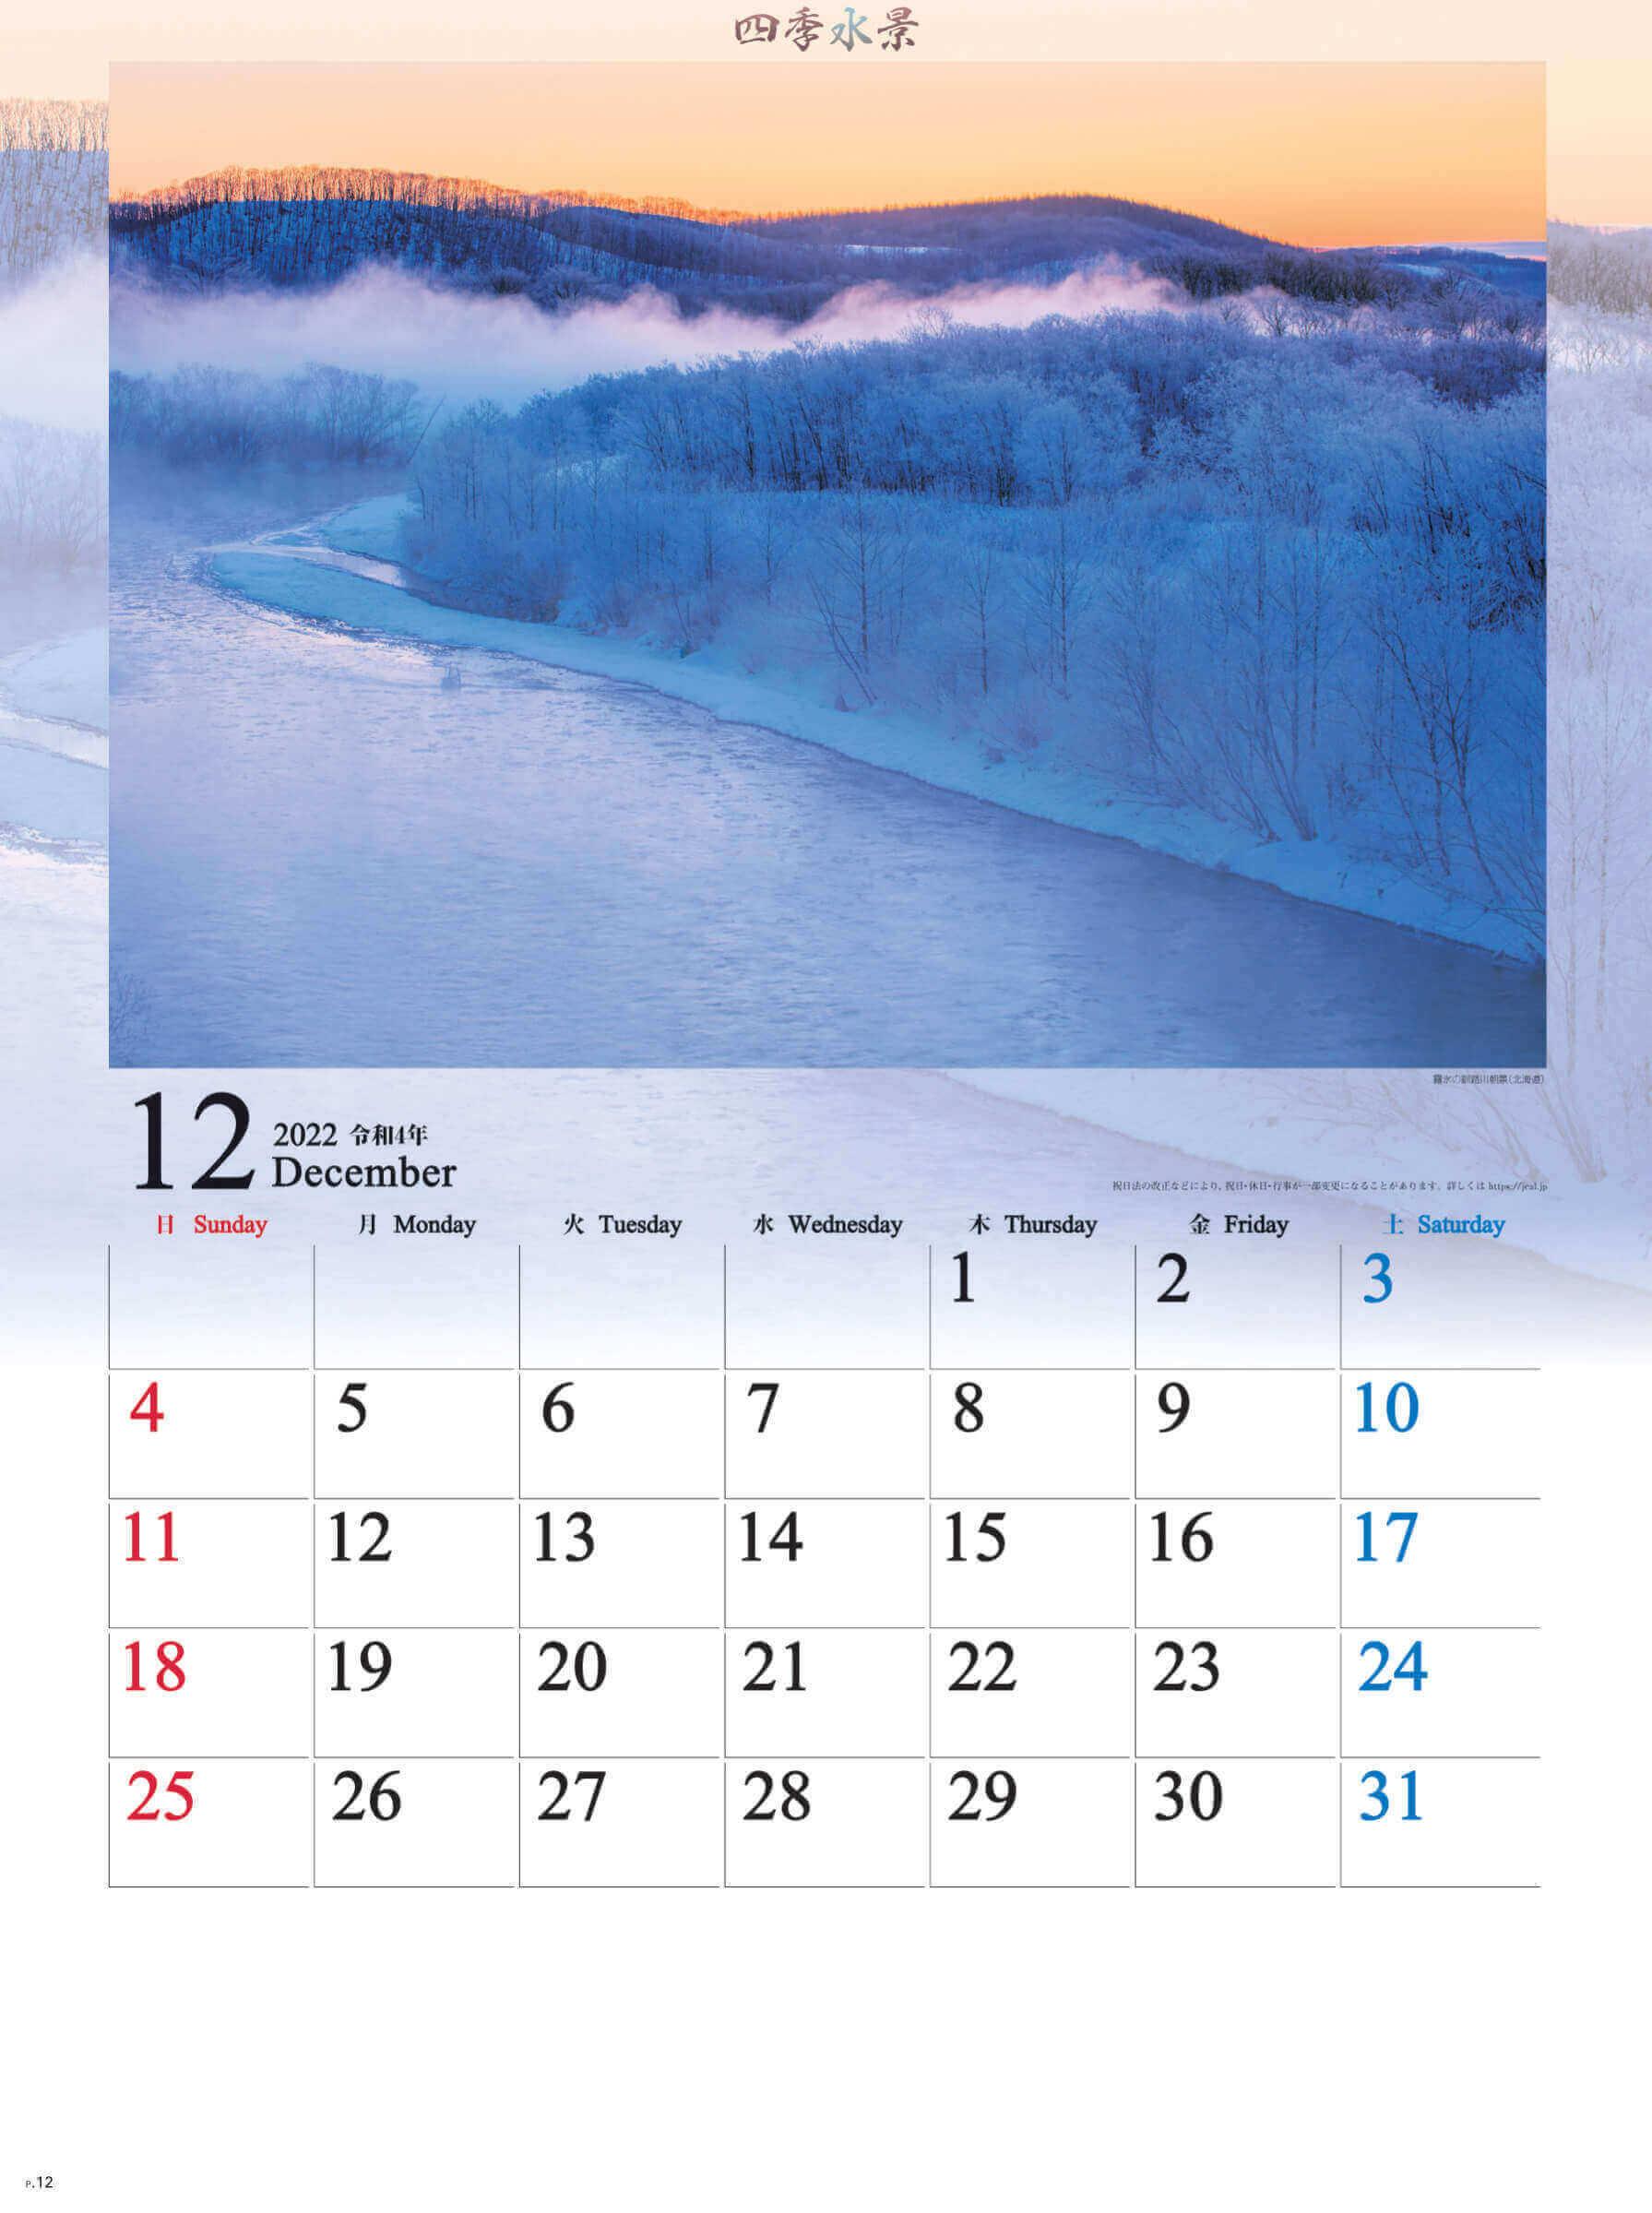 12月 釧路川朝景(北海道) 四季水景 2022年カレンダーの画像